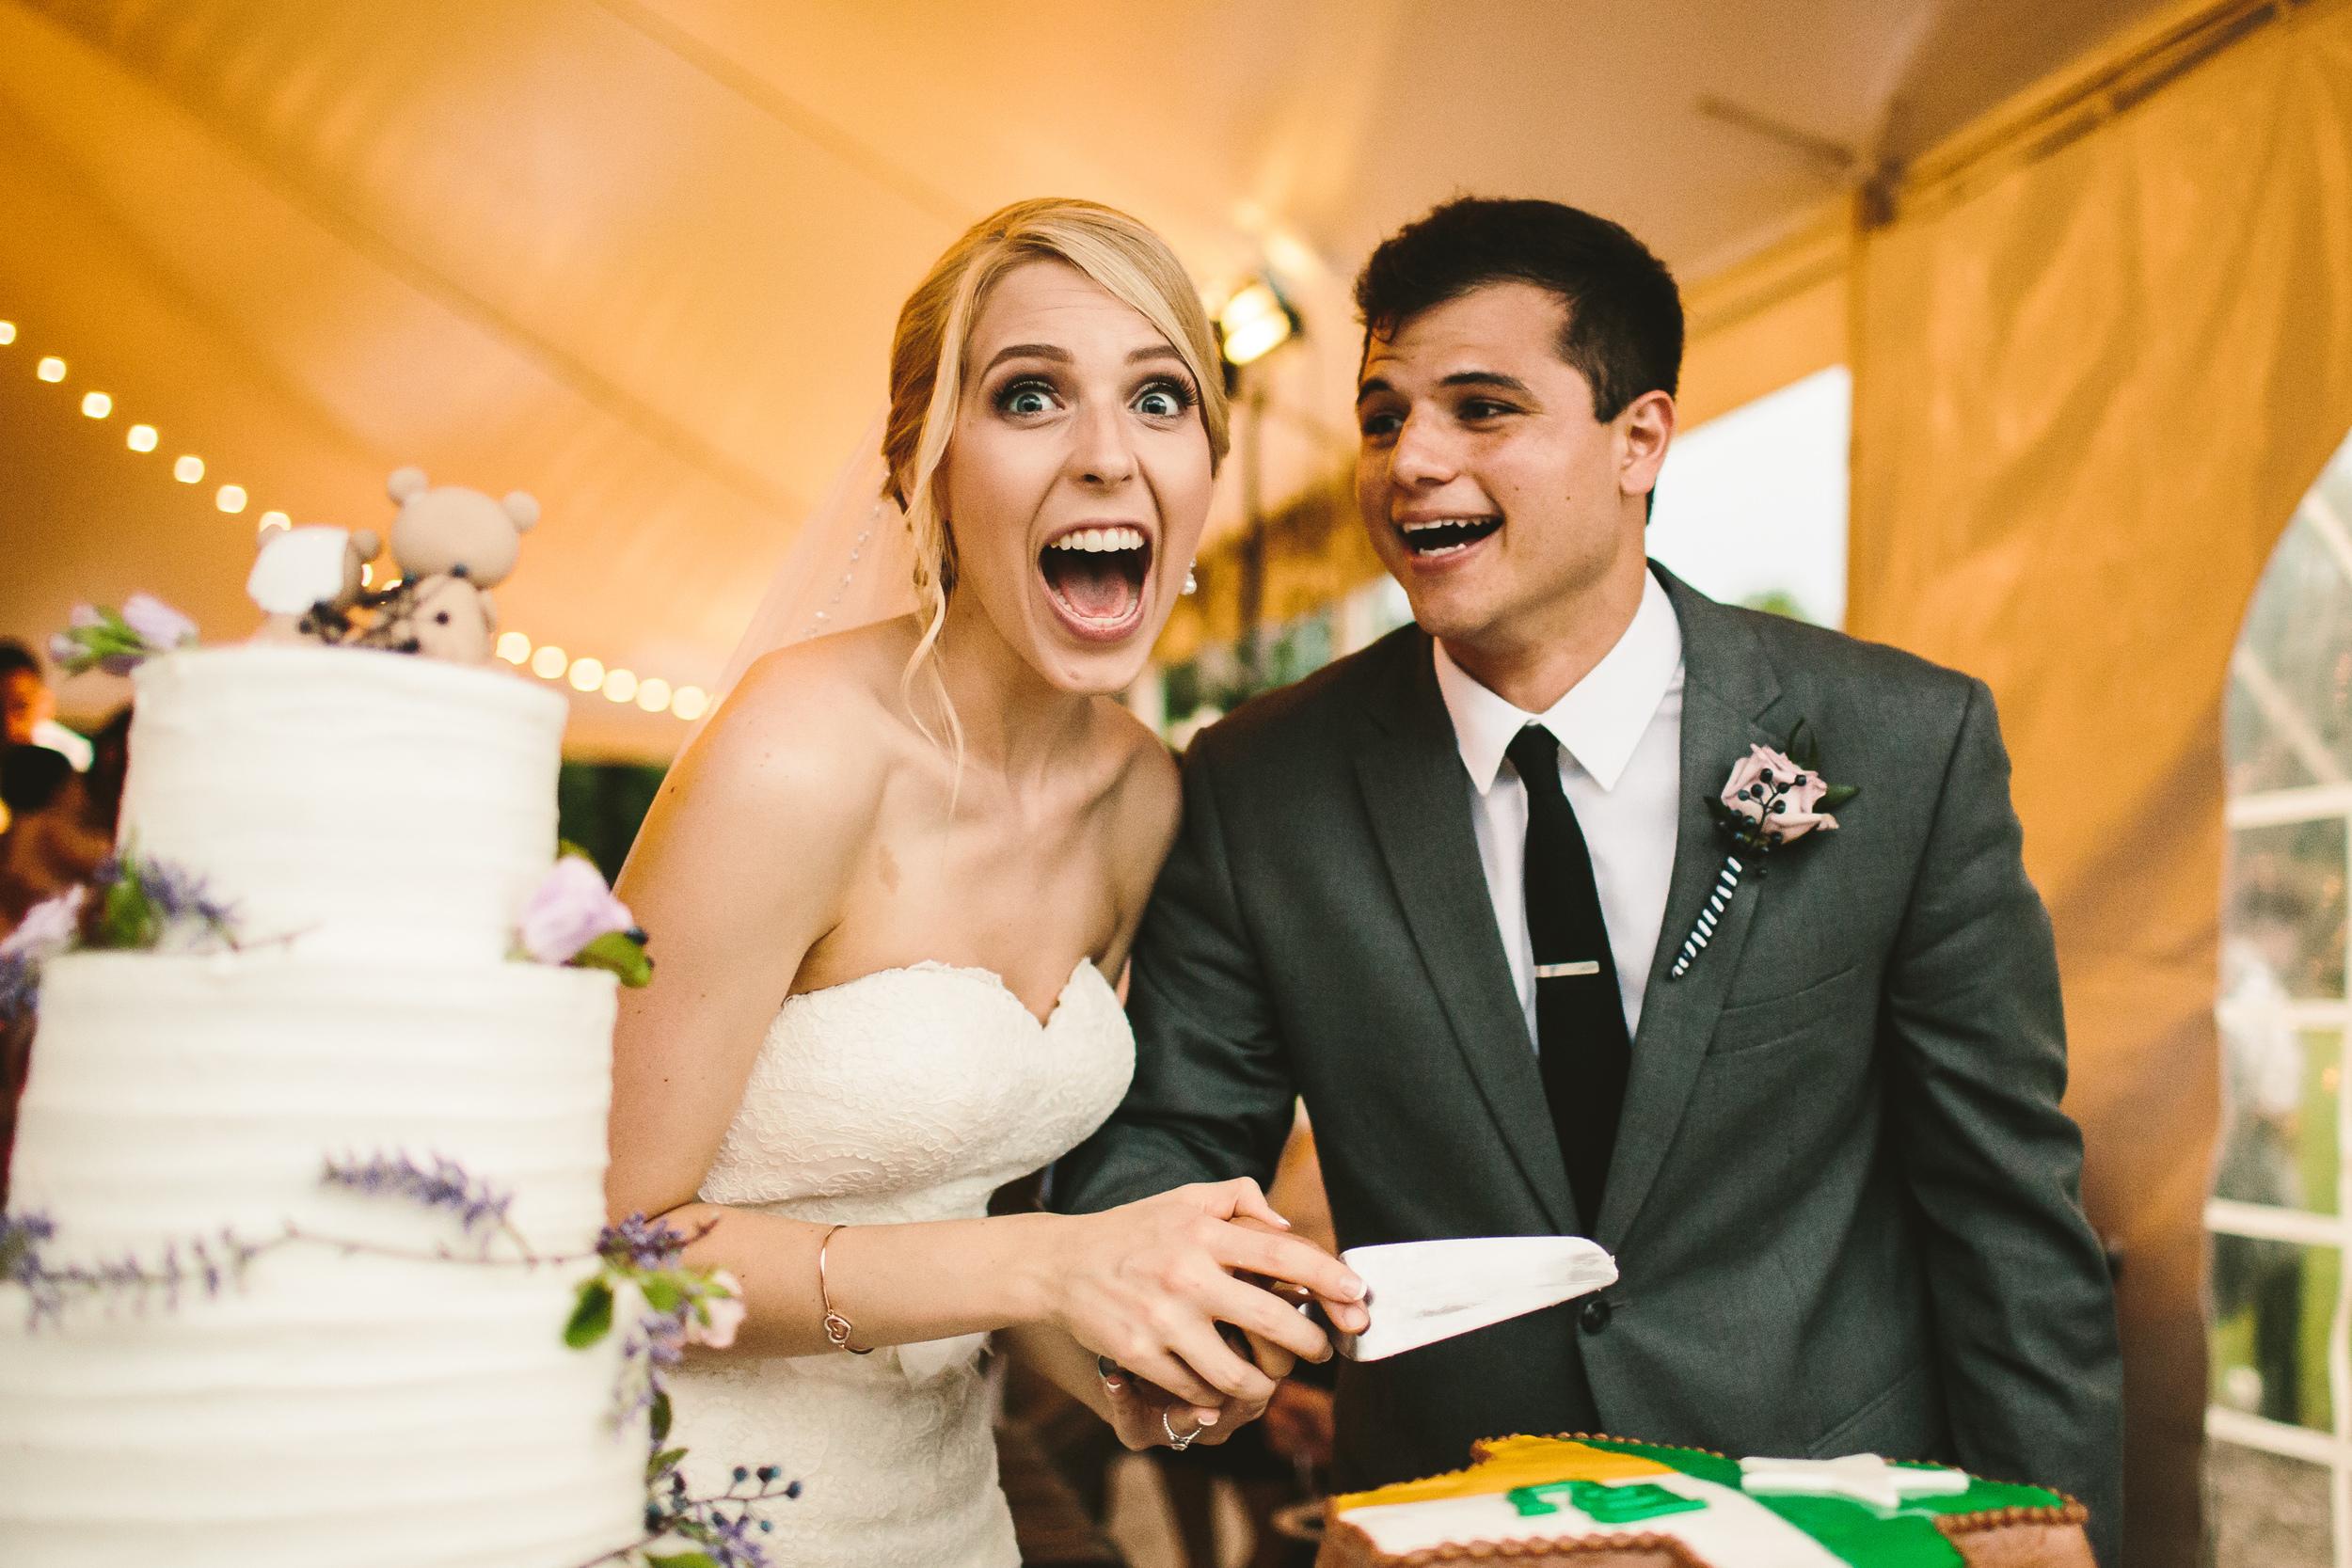 Weddings-26.jpg